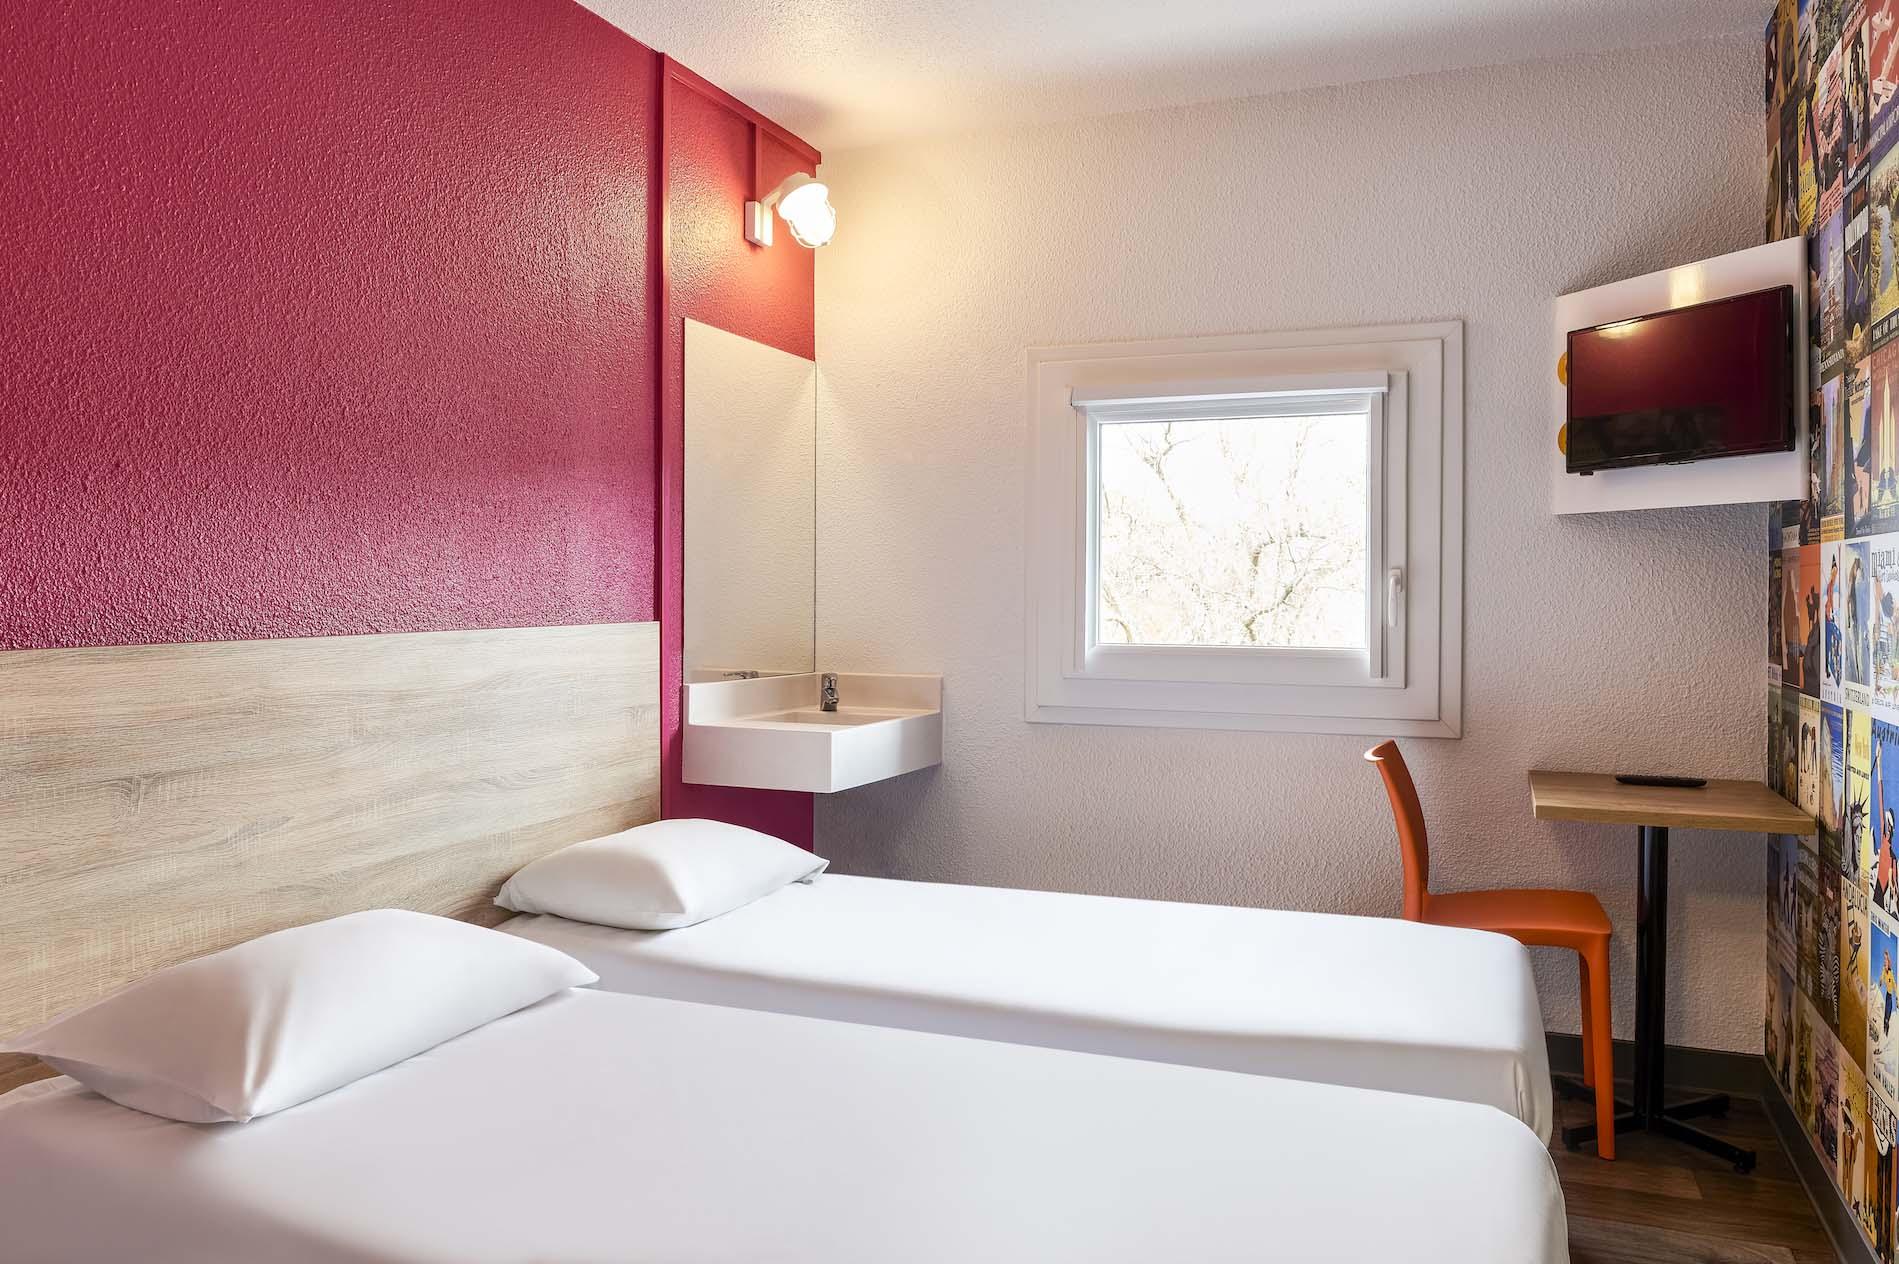 j 39 ai test les nouveaux h tels f1 moderne et pas cher on met les voiles blog de voyage en. Black Bedroom Furniture Sets. Home Design Ideas